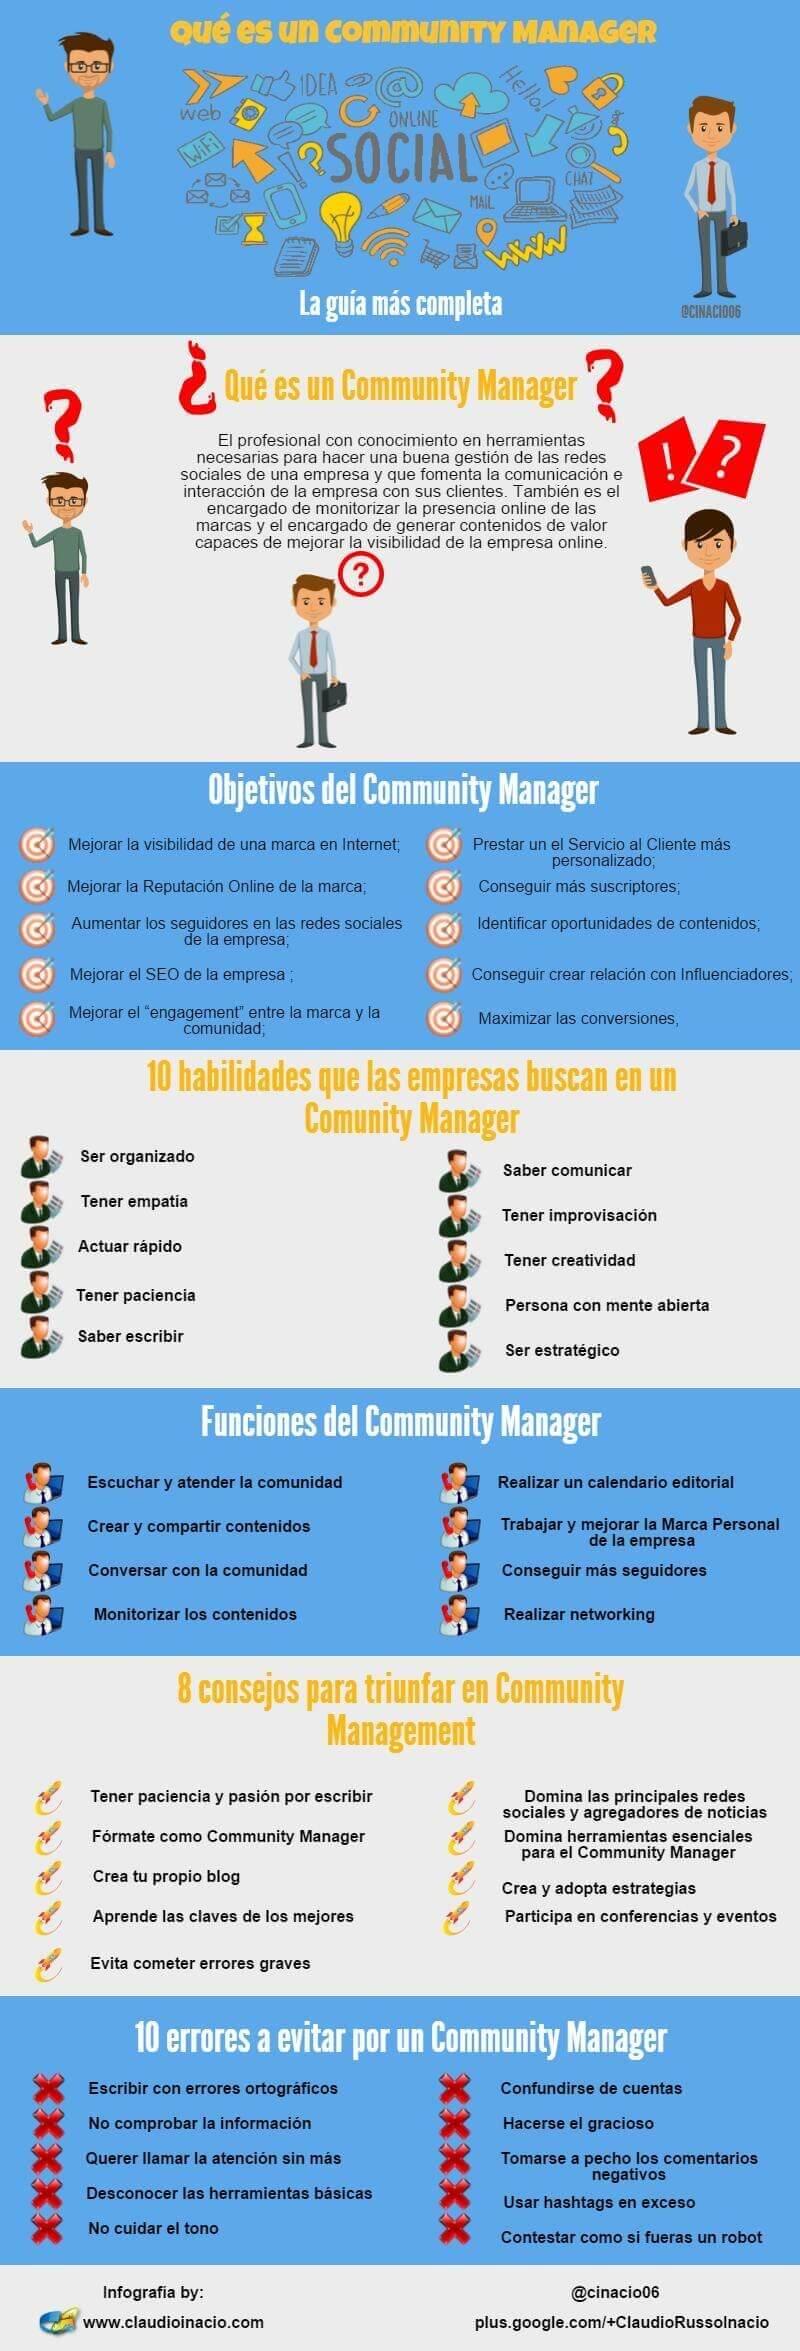 Guia completa del Community Manager